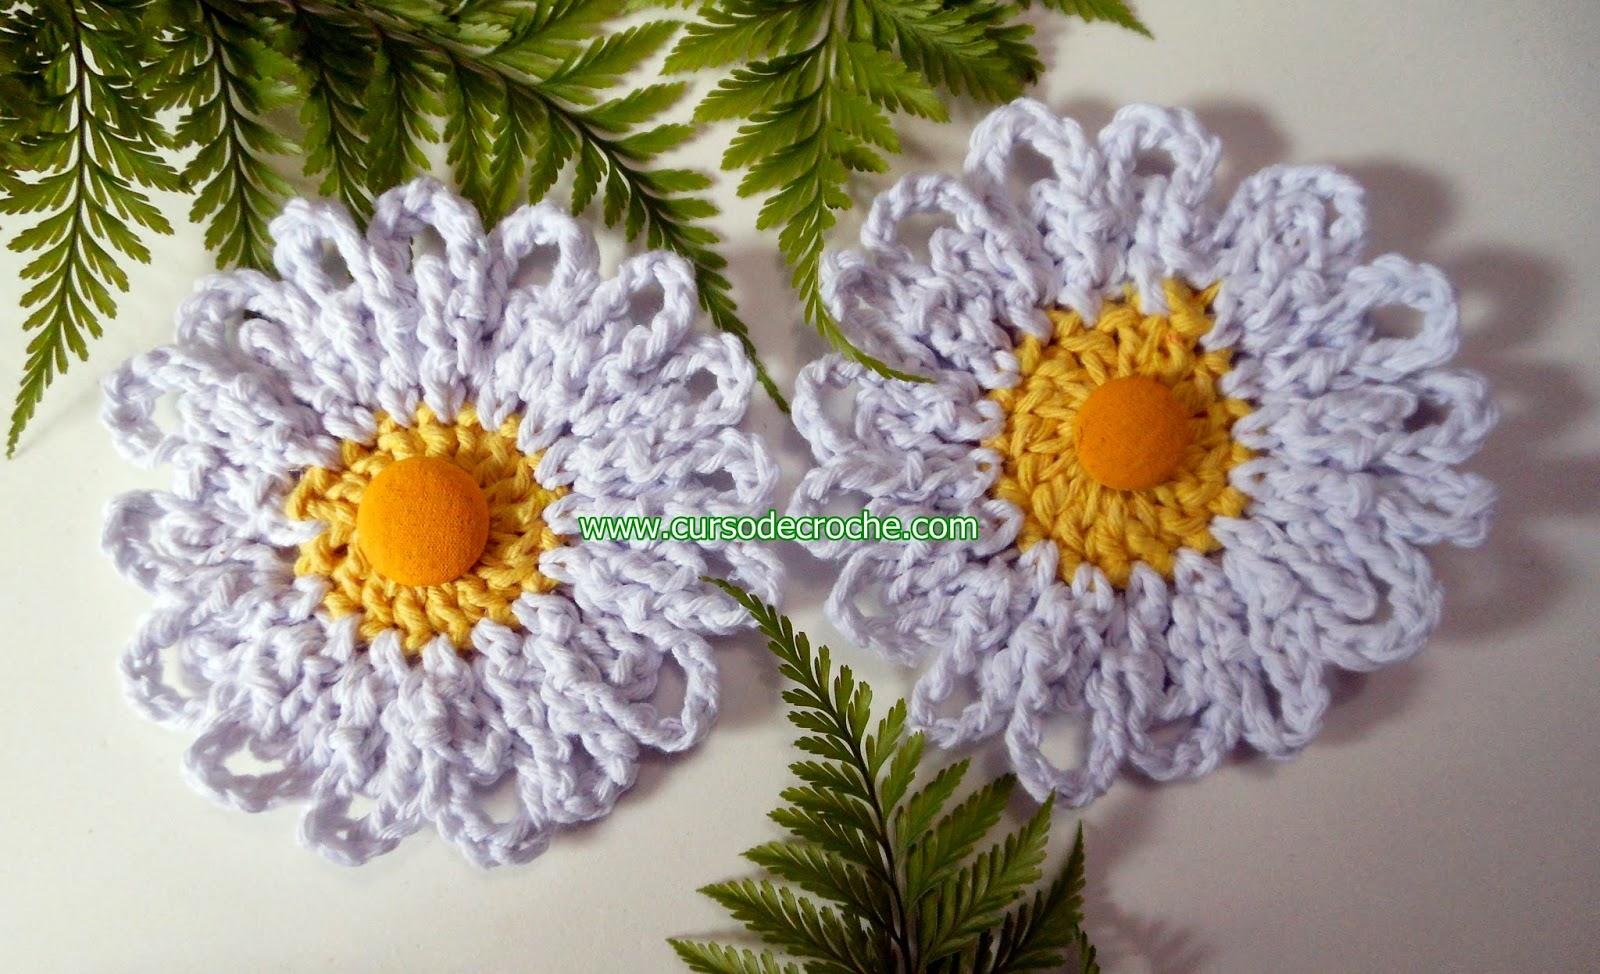 dvd flores 5 volumes com Edinir-Croche na loja curso de croche com frete gratis